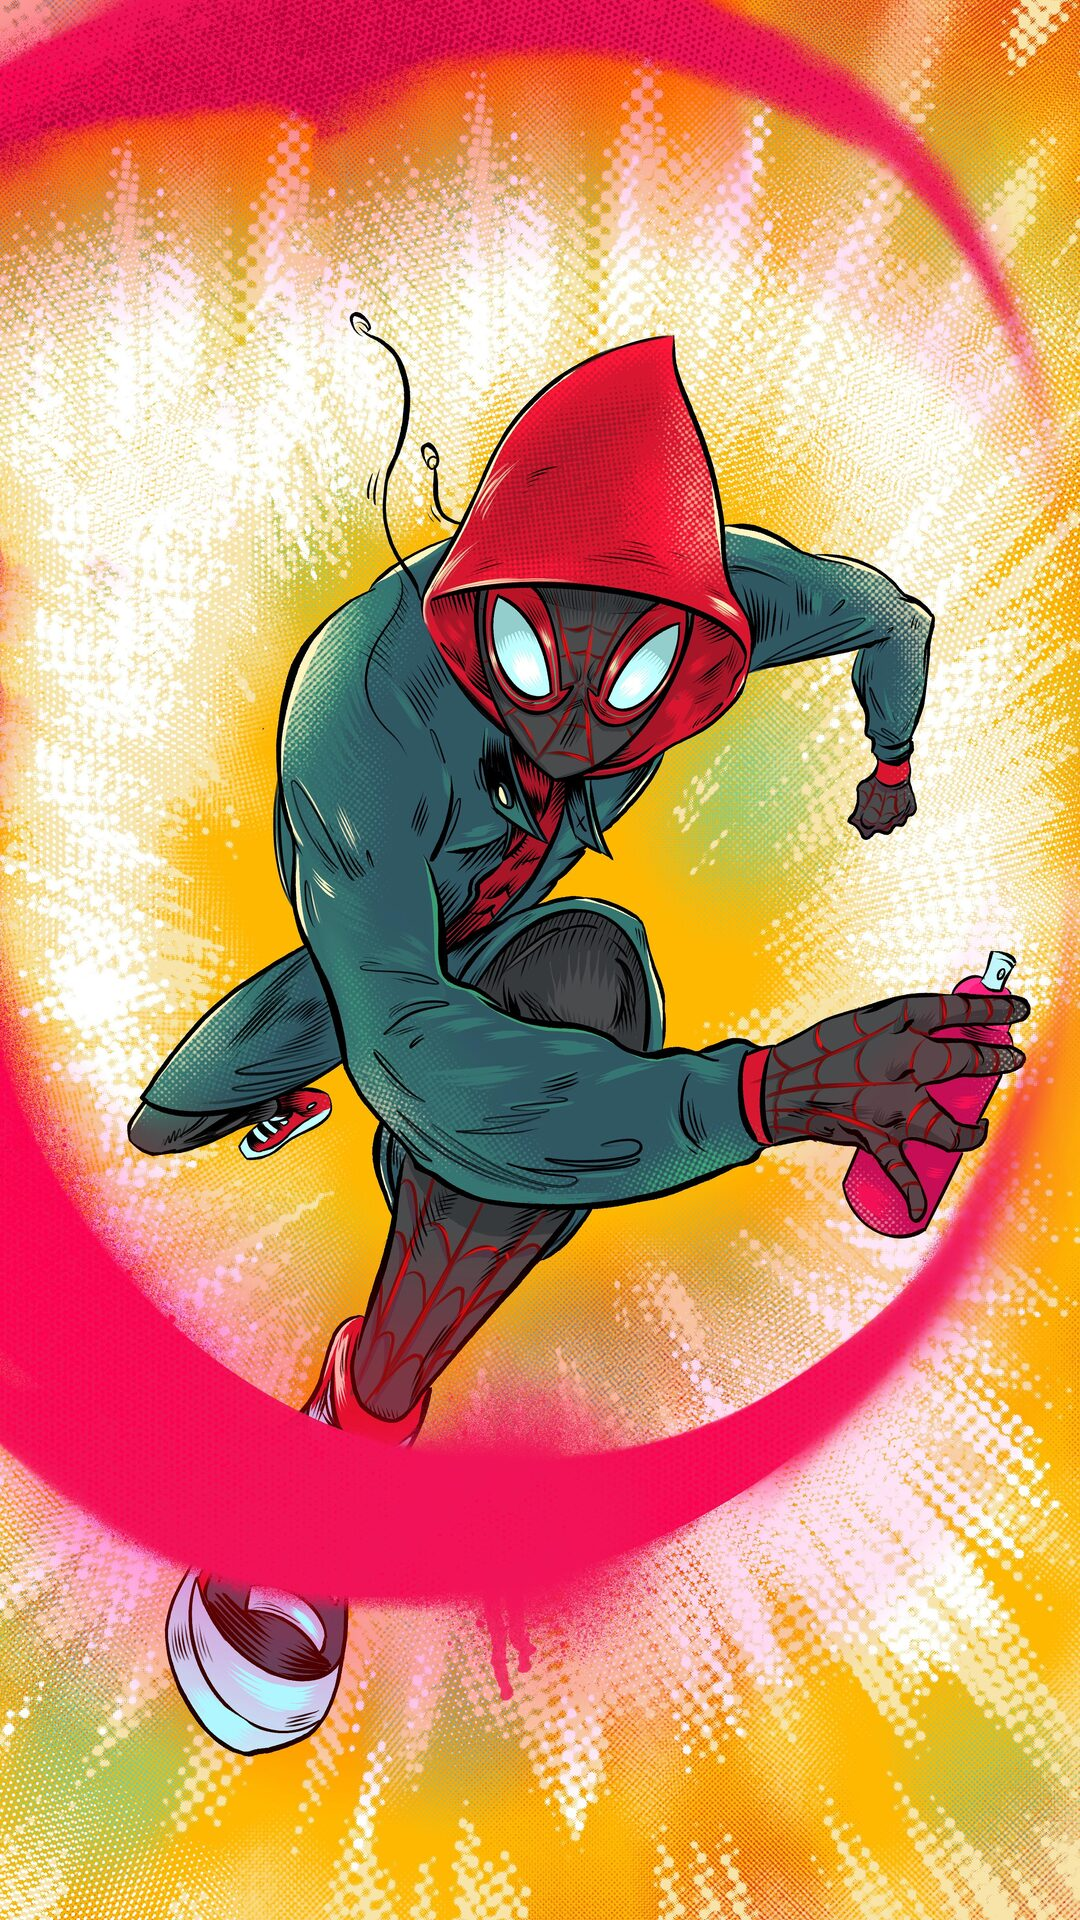 Spiderman Miles Morales artworks